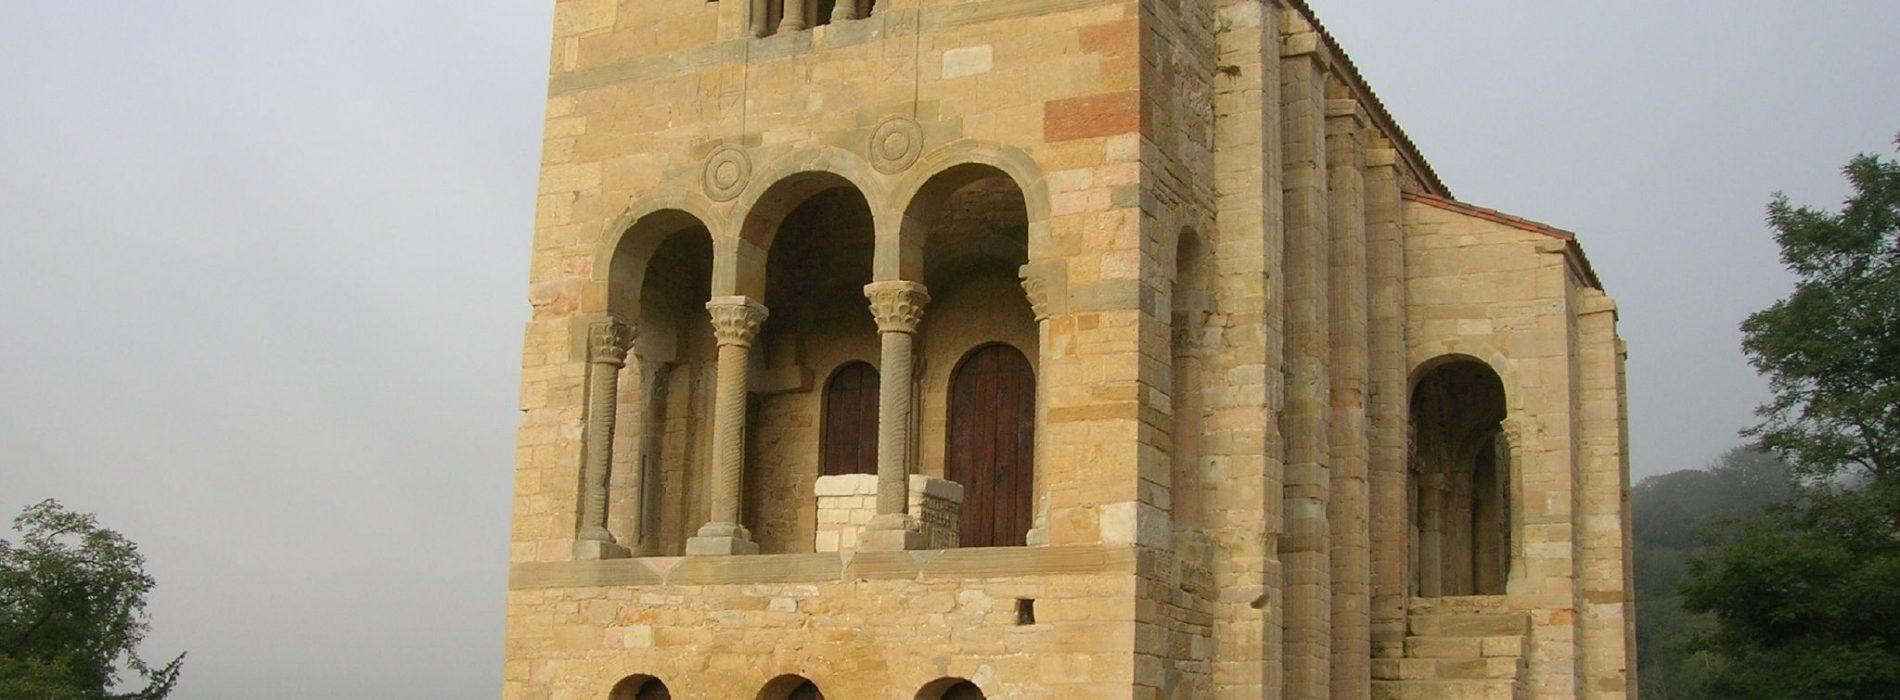 Un viaje al pasado visitando el prerrománico asturiano